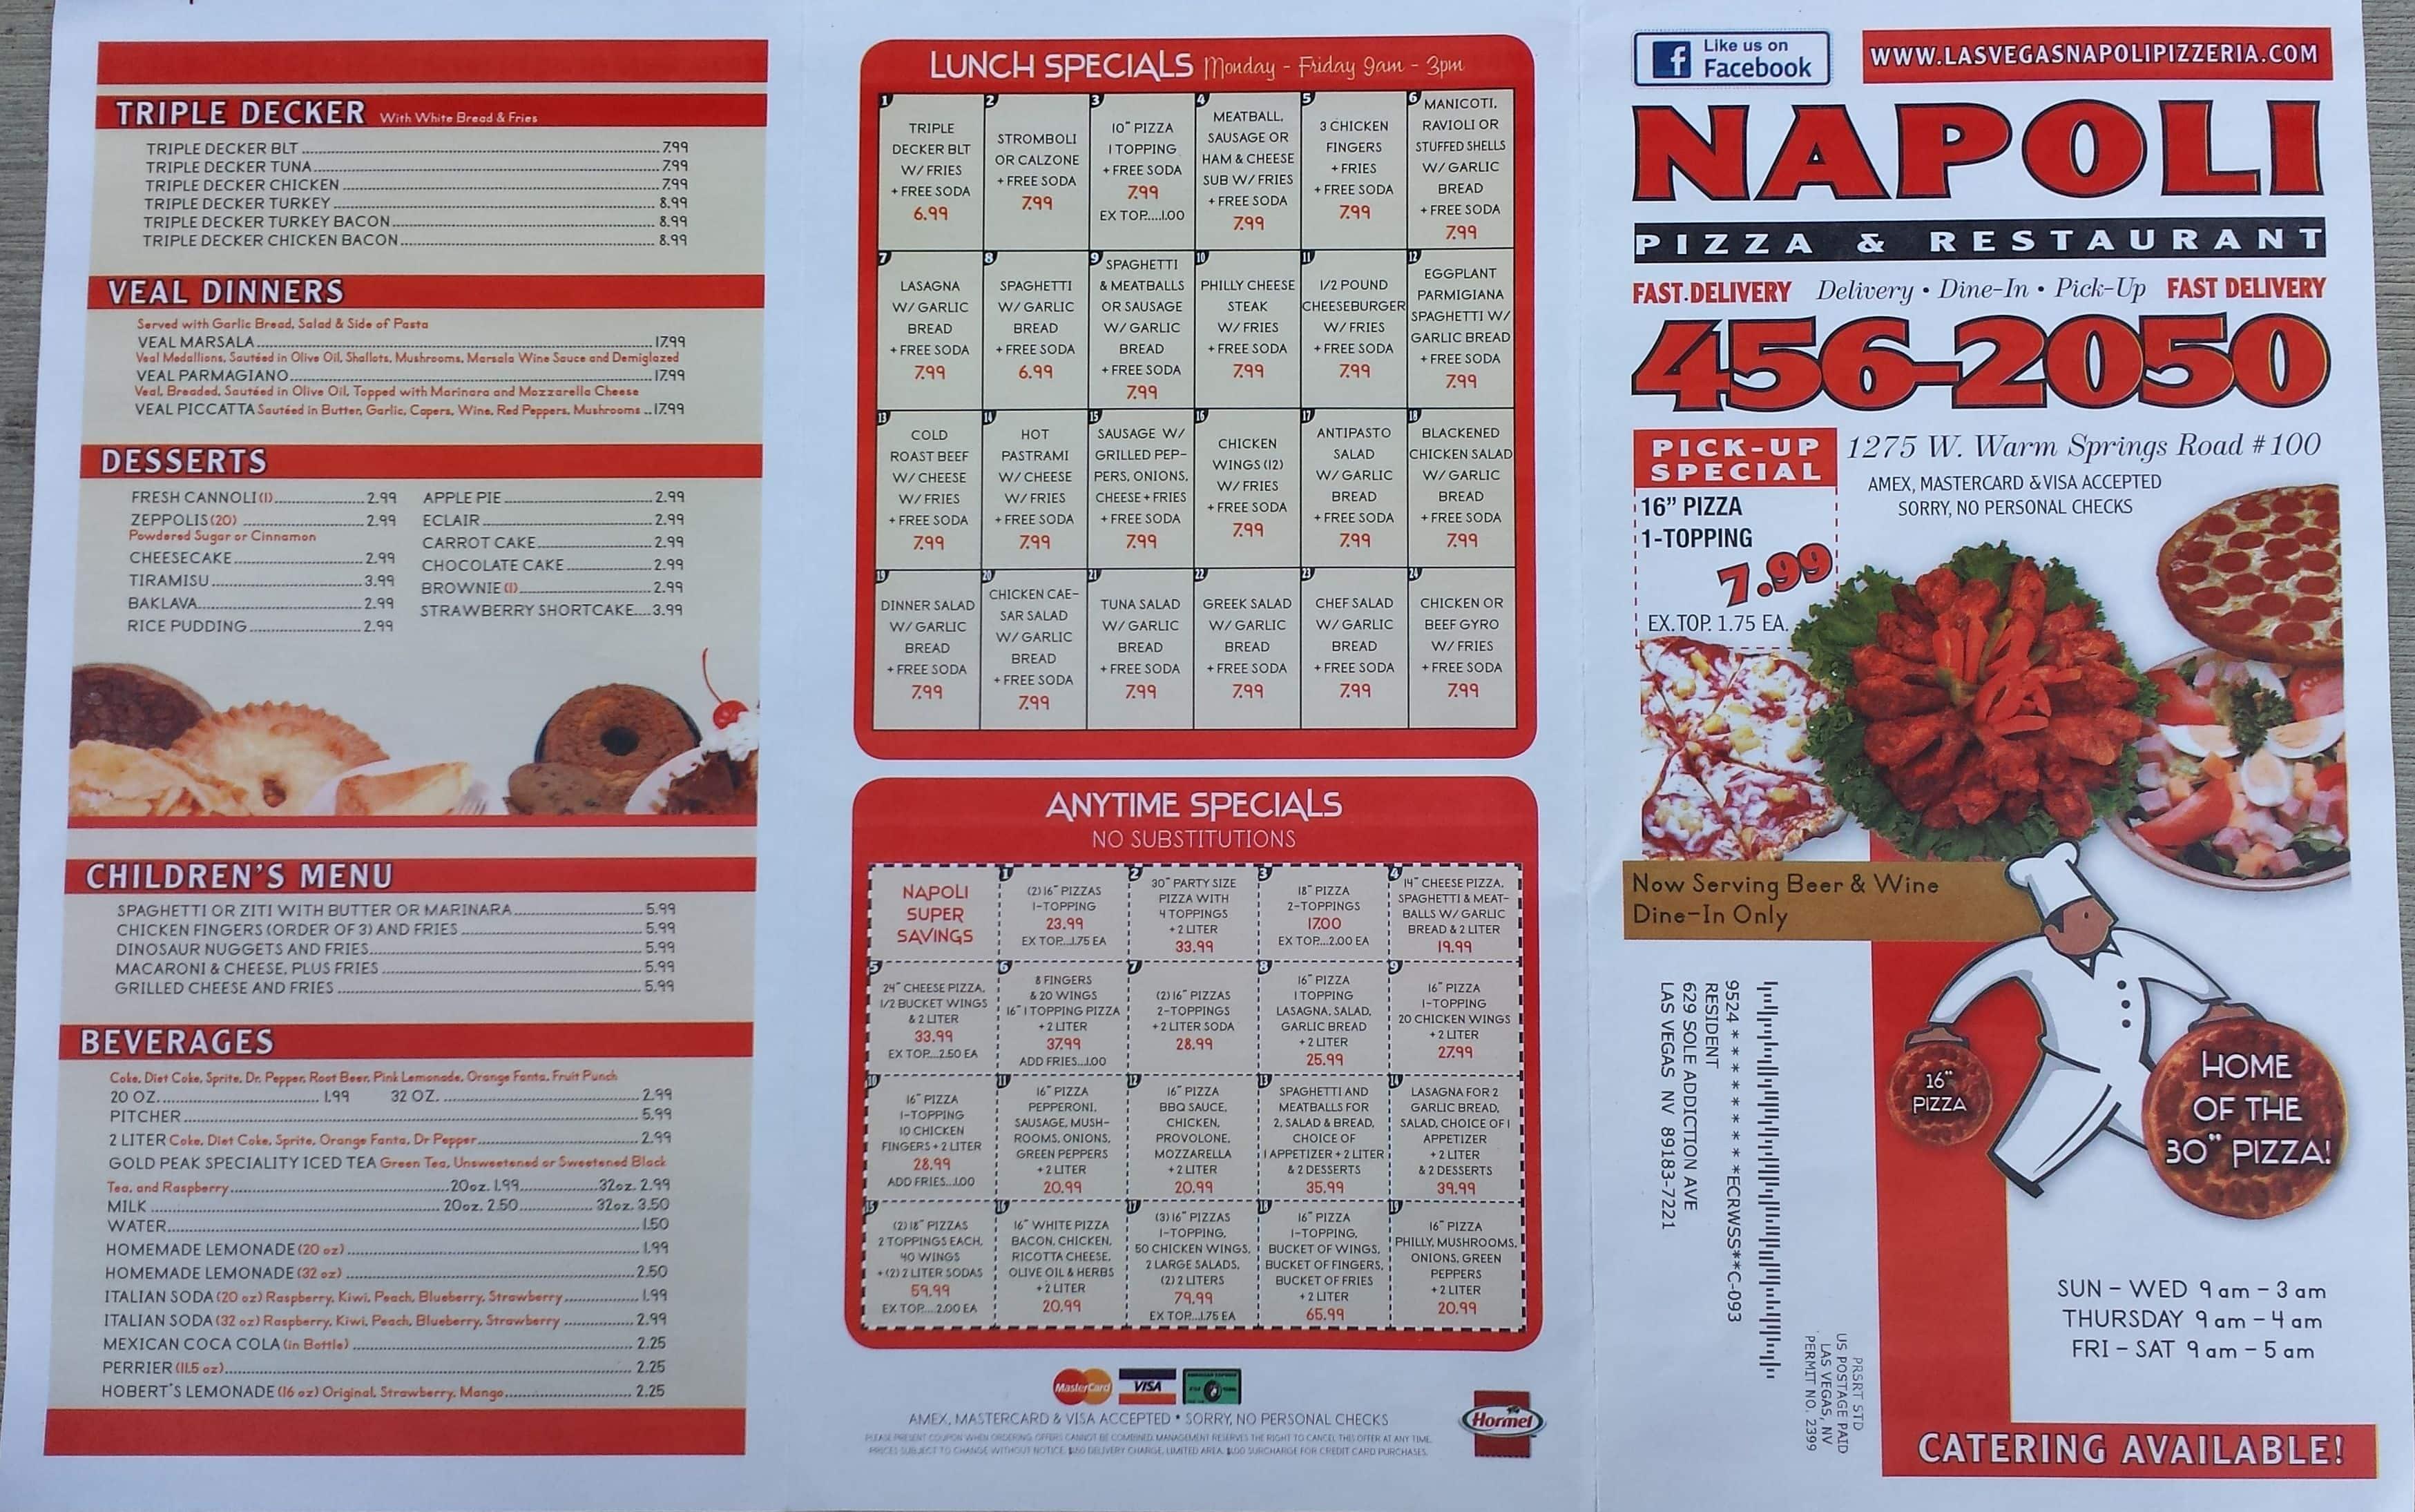 Napoli Pizza Restaurant Menu